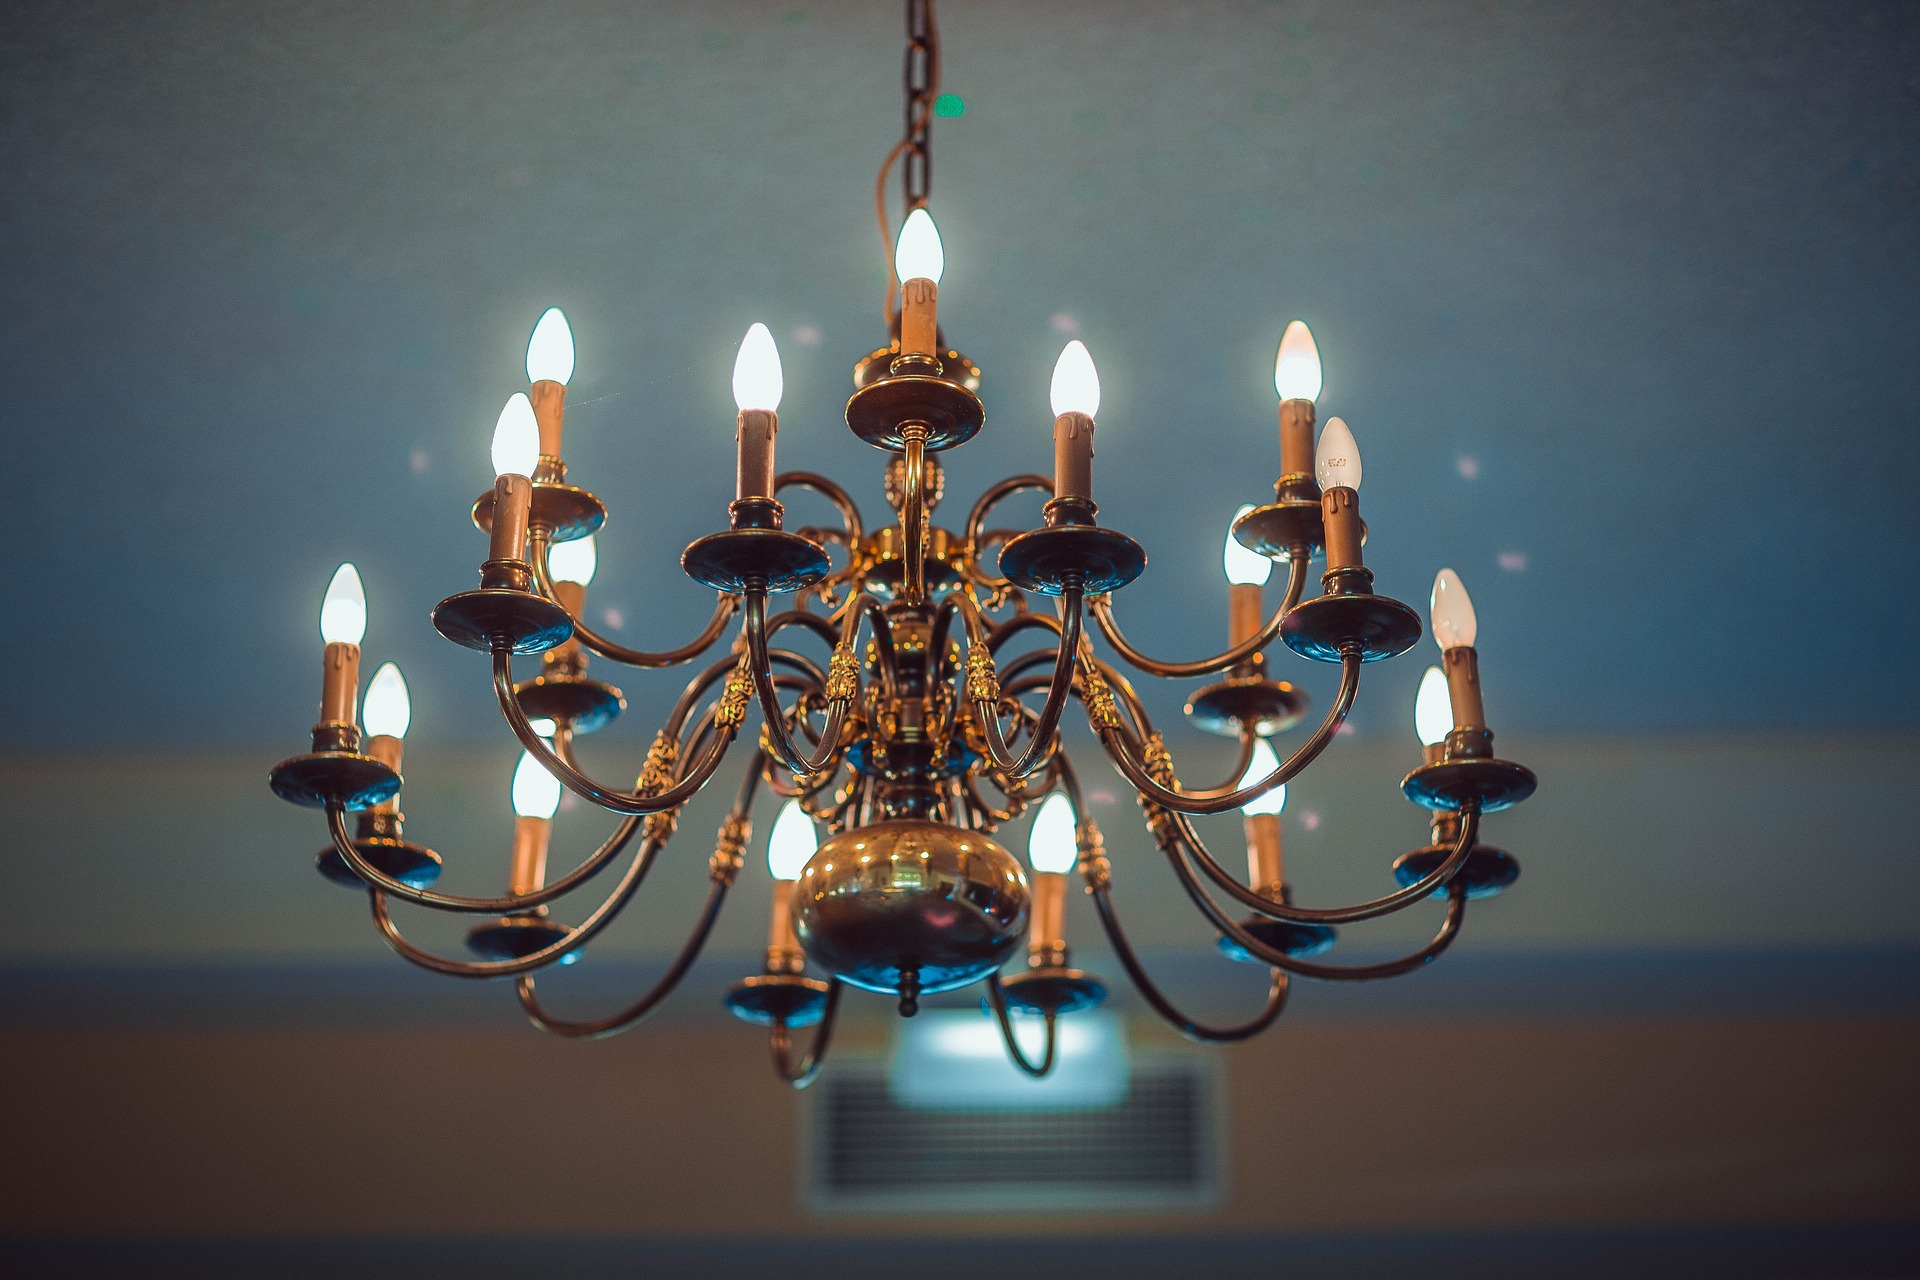 Kronleuchter Led Lampen ~ Die prächtigste lampe der welt der kronleuchter